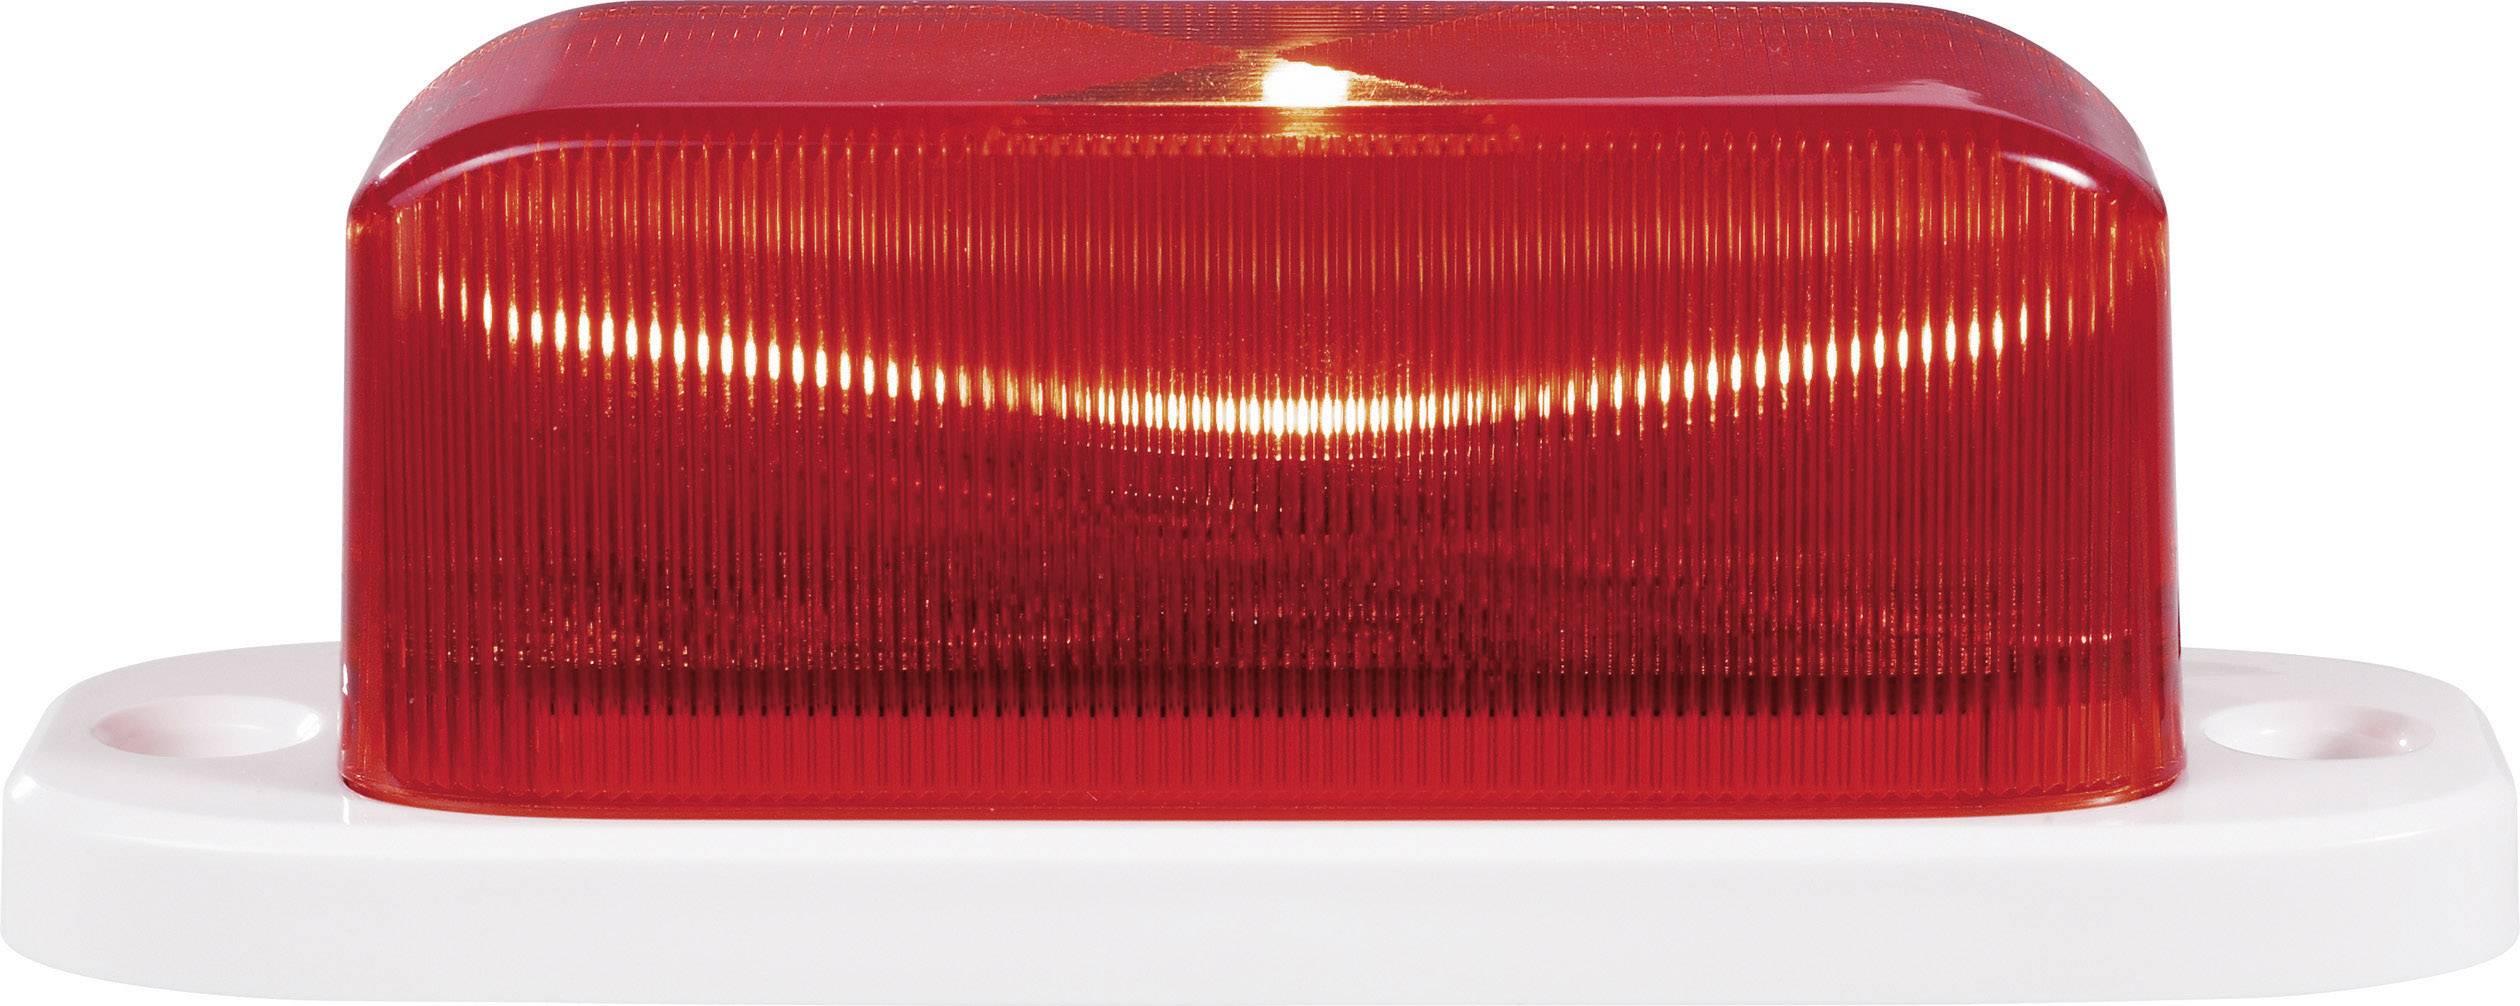 LED stroboskop, 7,62 Hz a 24,75 Hz, červená